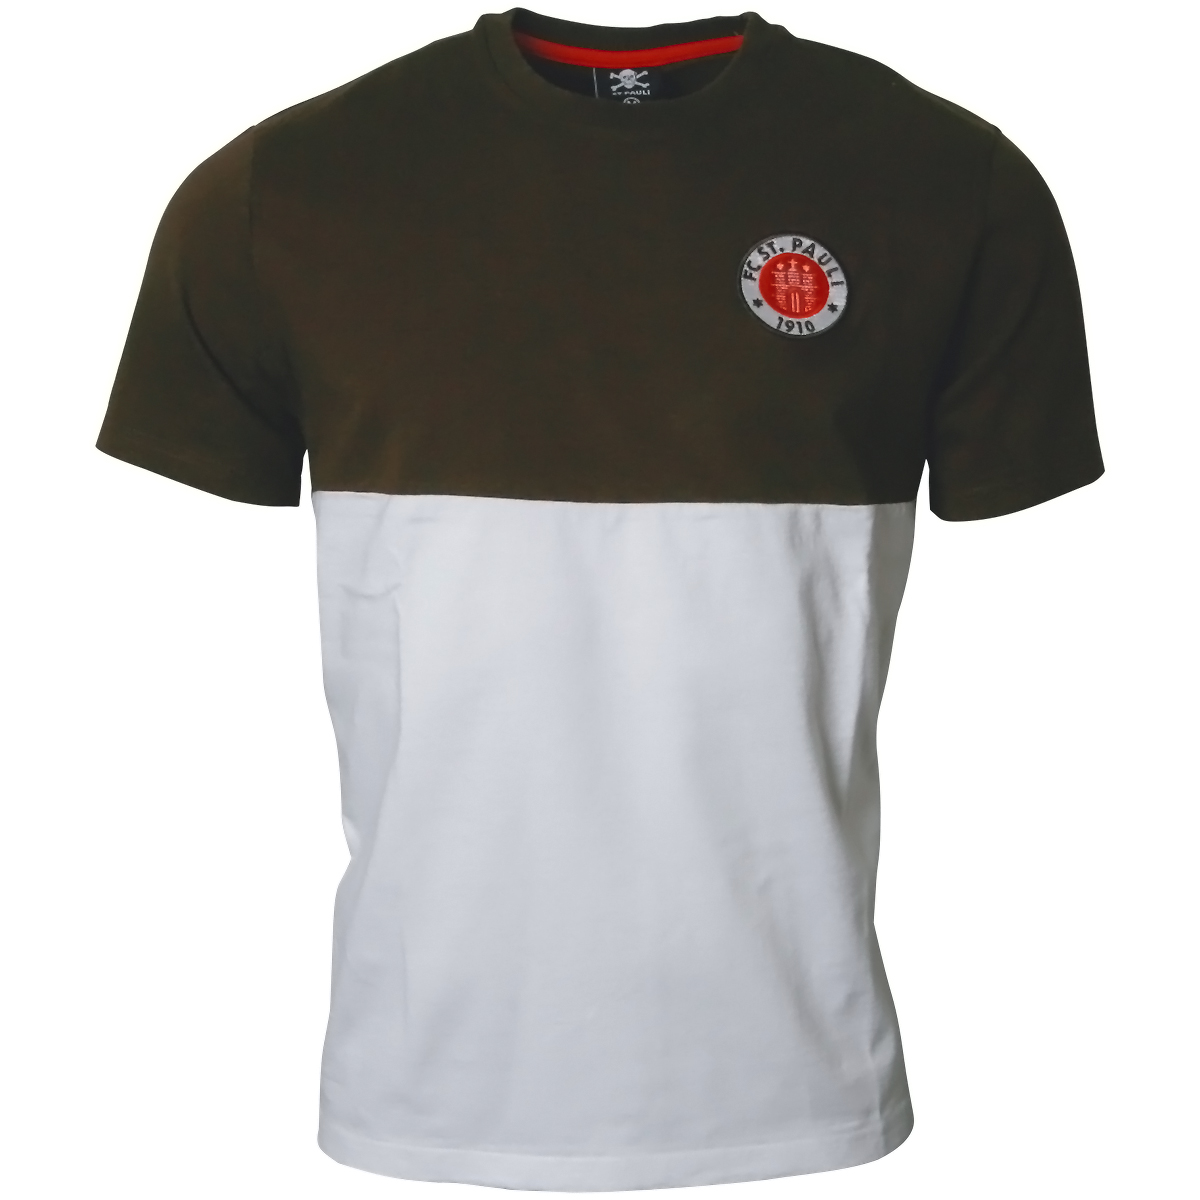 FC St. Pauli - T-Shirt Logo 2019 - braun-weiß